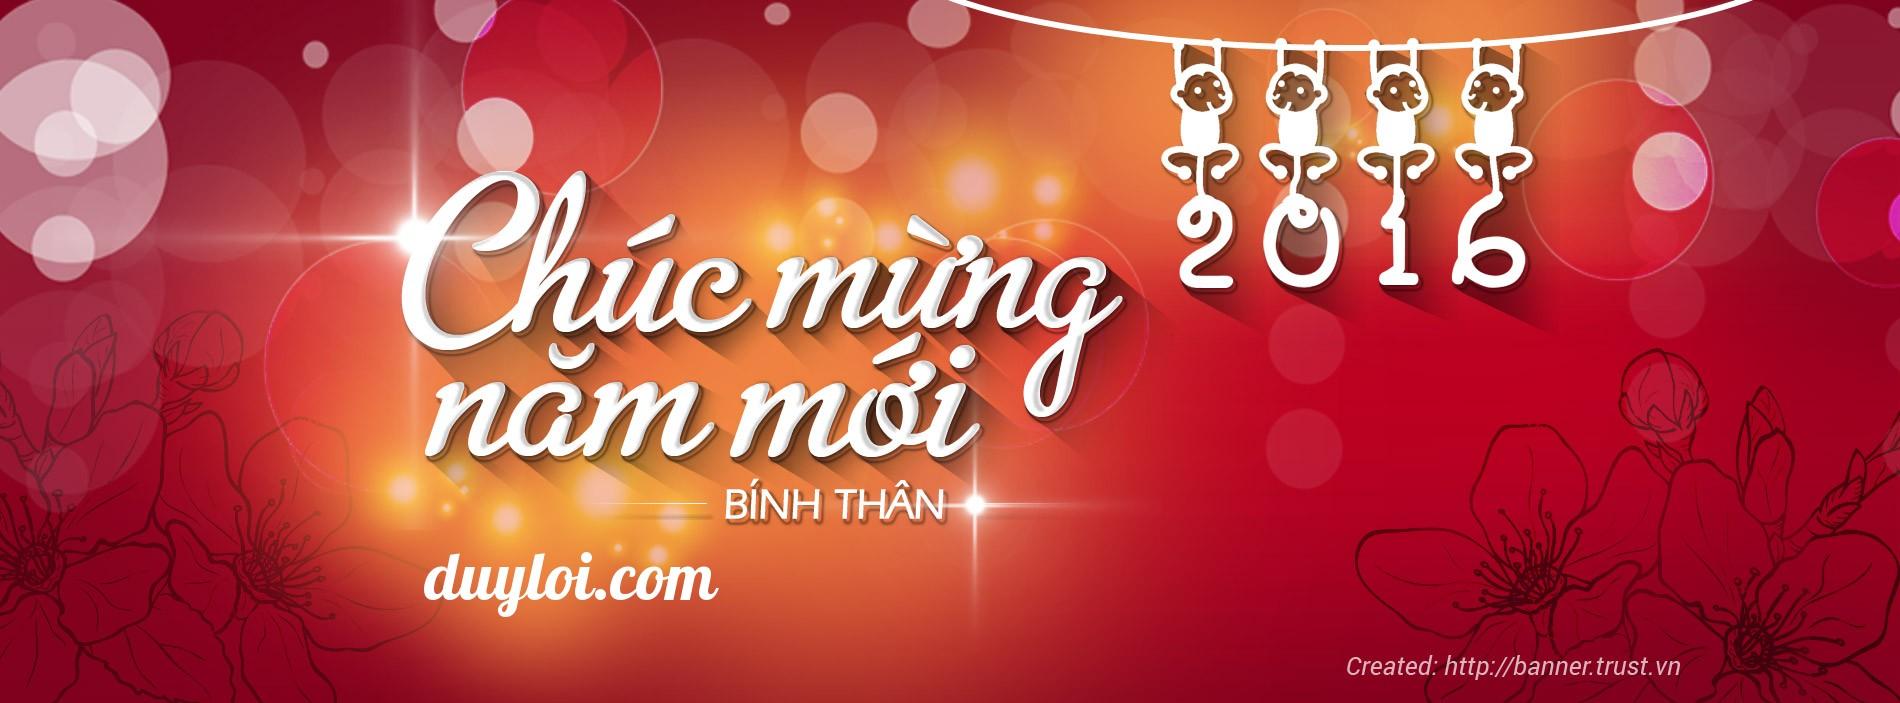 Duy Lợi chúc mừng năm mới